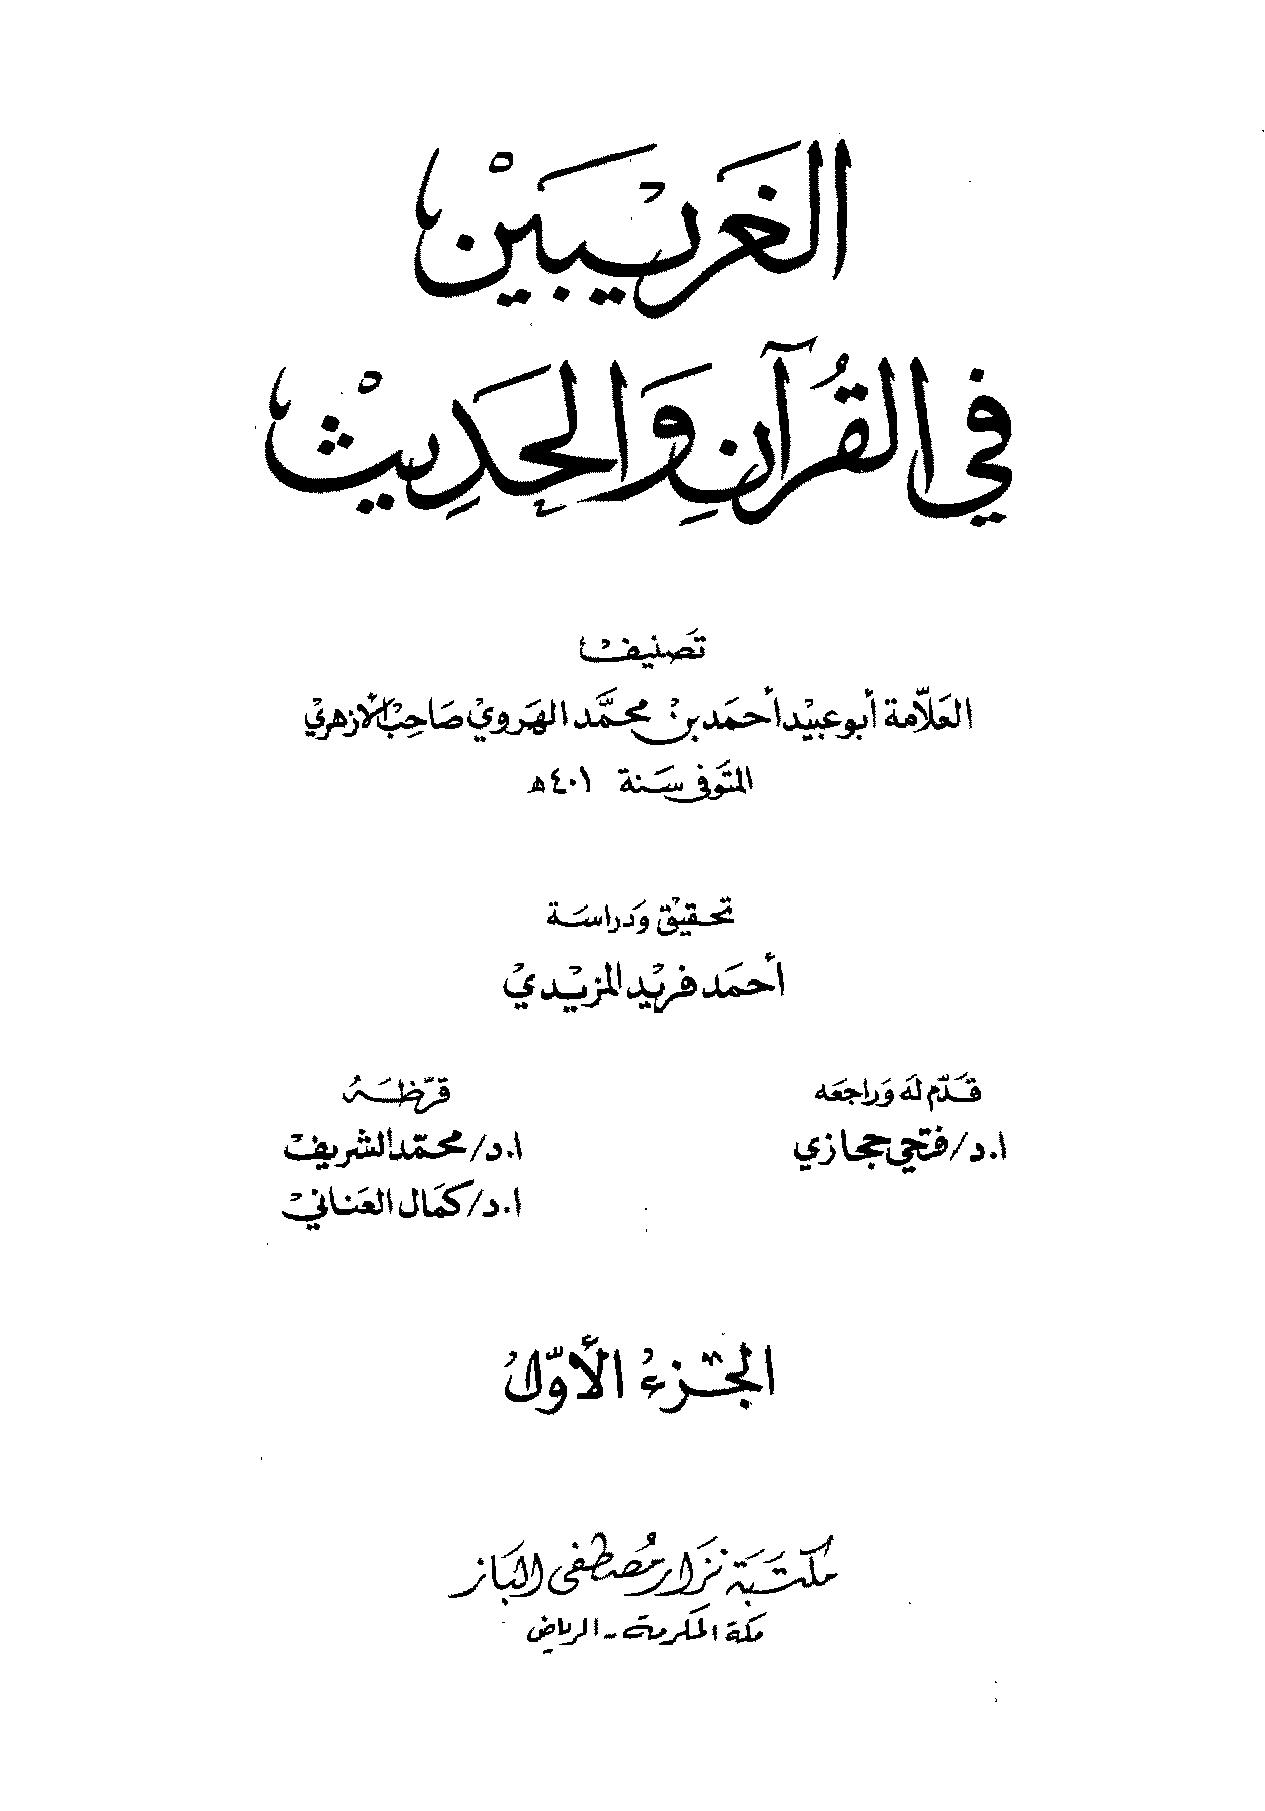 تحميل كتاب الغريبين في القرآن والحديث لـِ: الإمام أبو عبيد أحمد بن محمد بن أبي عبيد العبدي الهروي، صاحب الأزهري (ت 401)